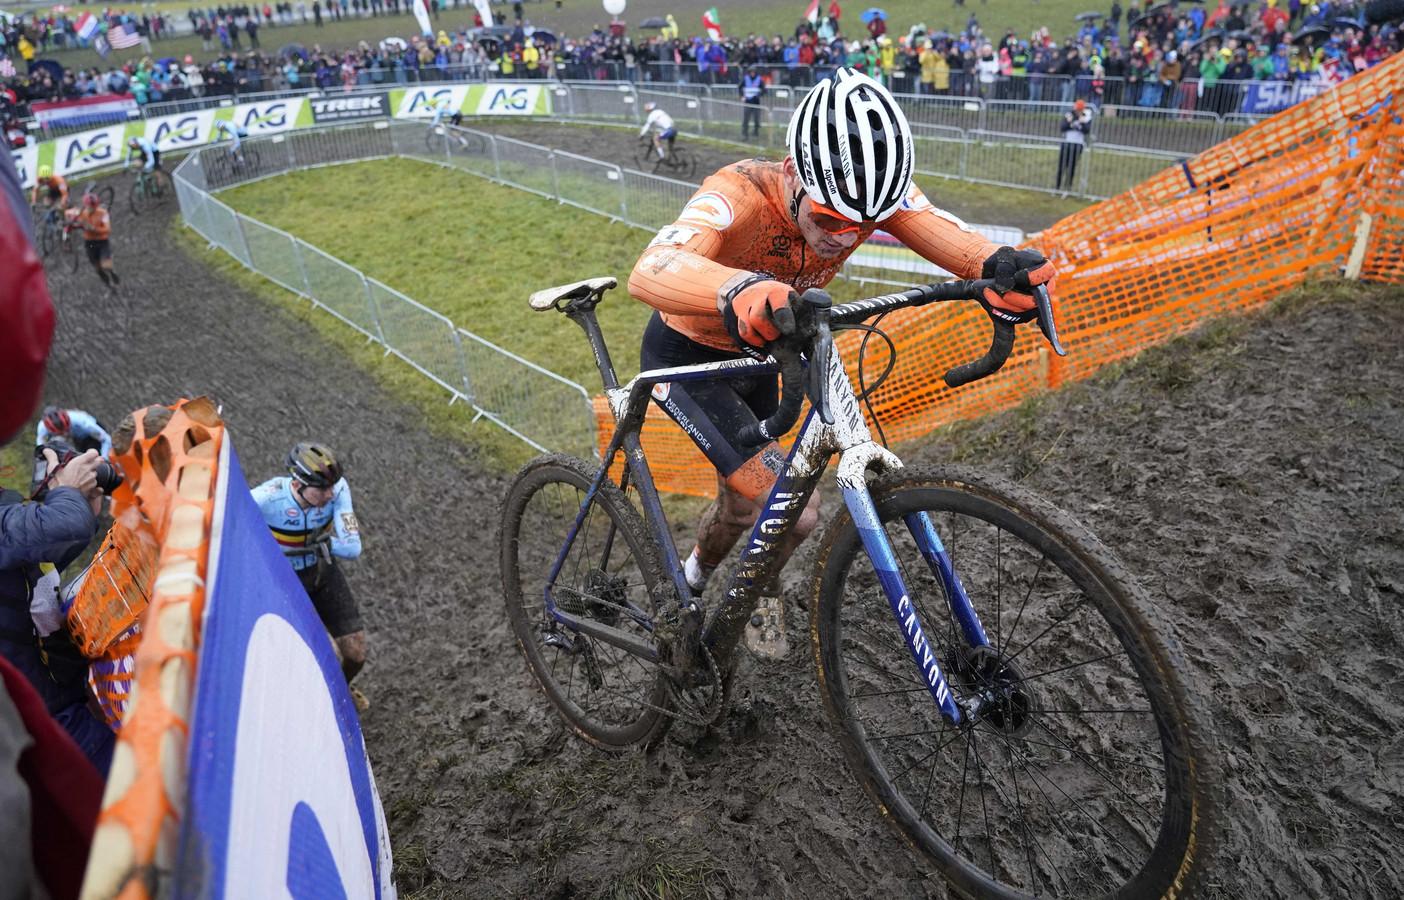 Op Mathieu van der Poel stond afgelopen zondag op het WK veldrijden in Dübendorf weer eens geen maat.